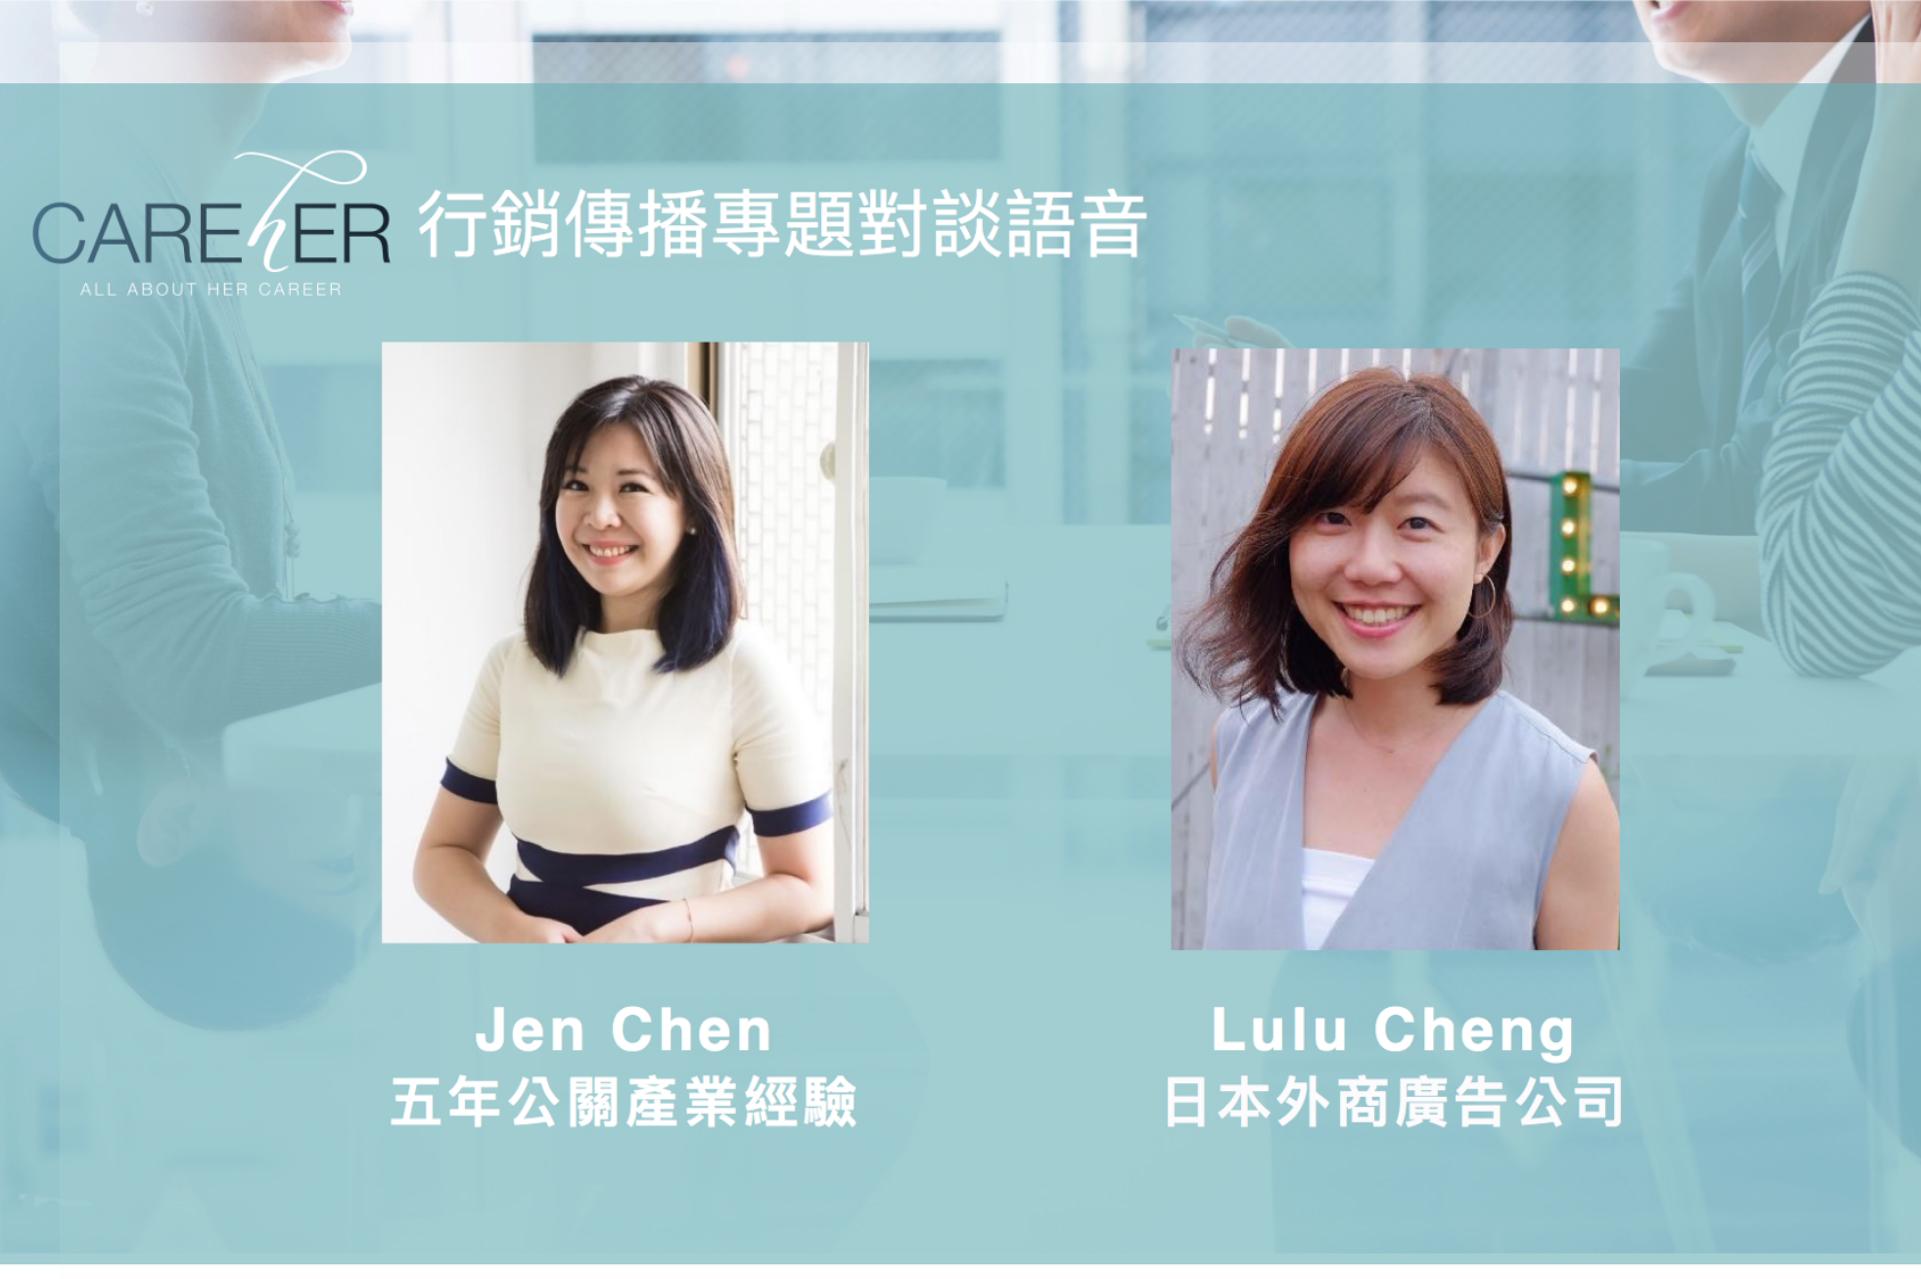 公關跟廣告業到底有什麼不同?前美商公關 Jen 對談日本廣告業 Lulu